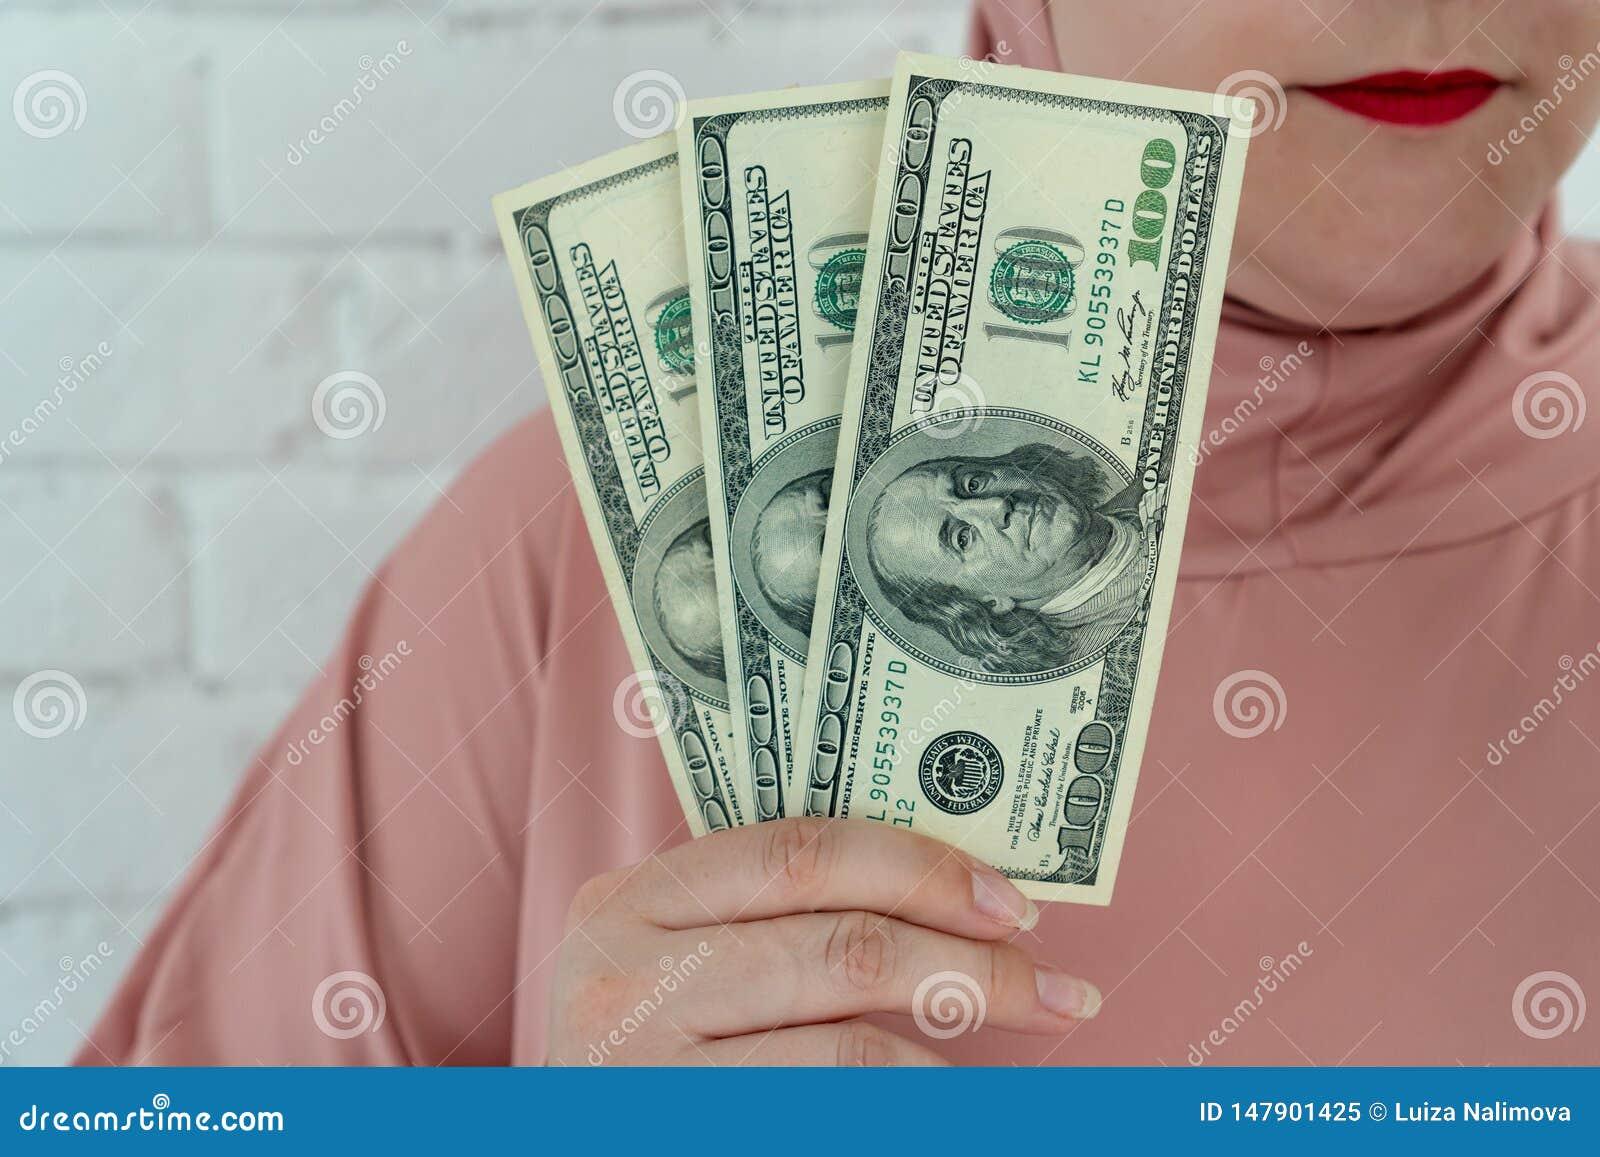 Junge moslemische Frau in rosa hijab Kleidung halten vom Bargeld in Dollarbanknoten a in ihren Händen